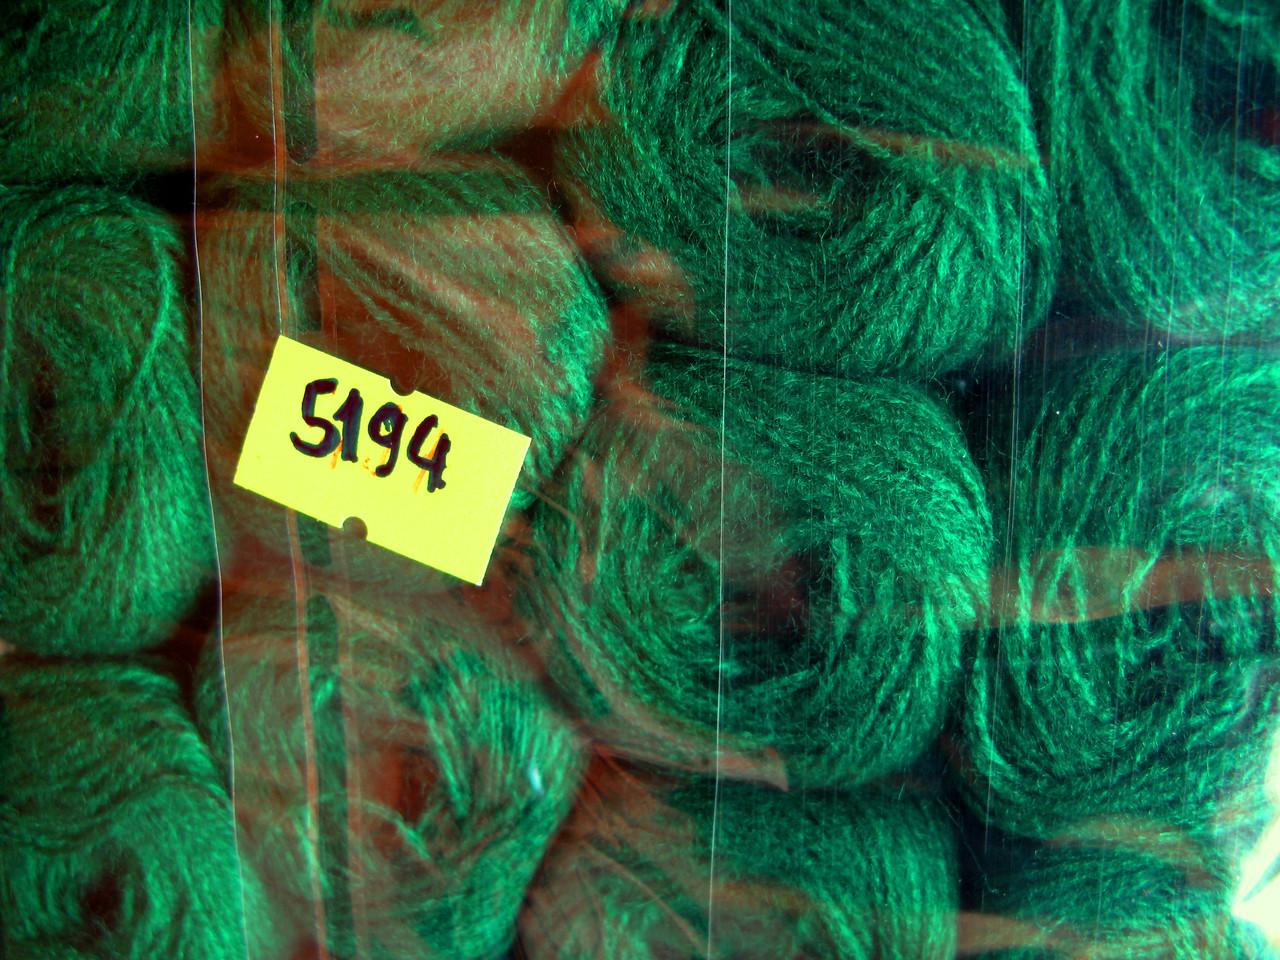 Нитки акриловые цвет классический зеленый 5194